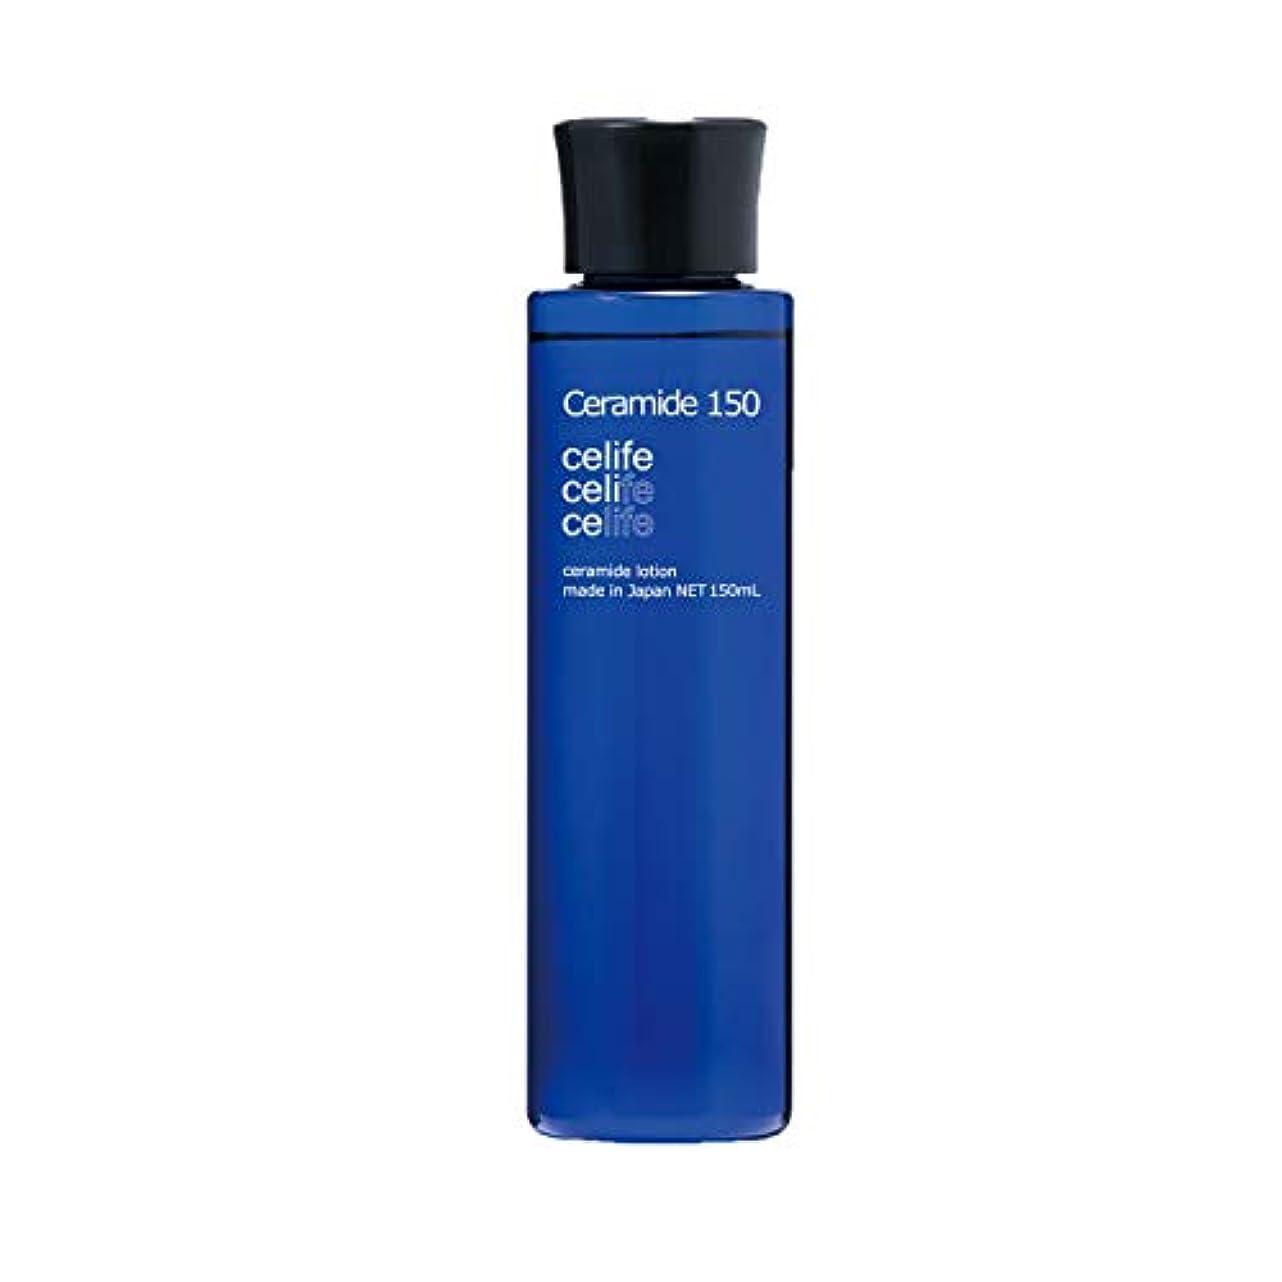 雲機械的にコミュニケーションcelife 天然セラミド配合化粧水 セラミド 150